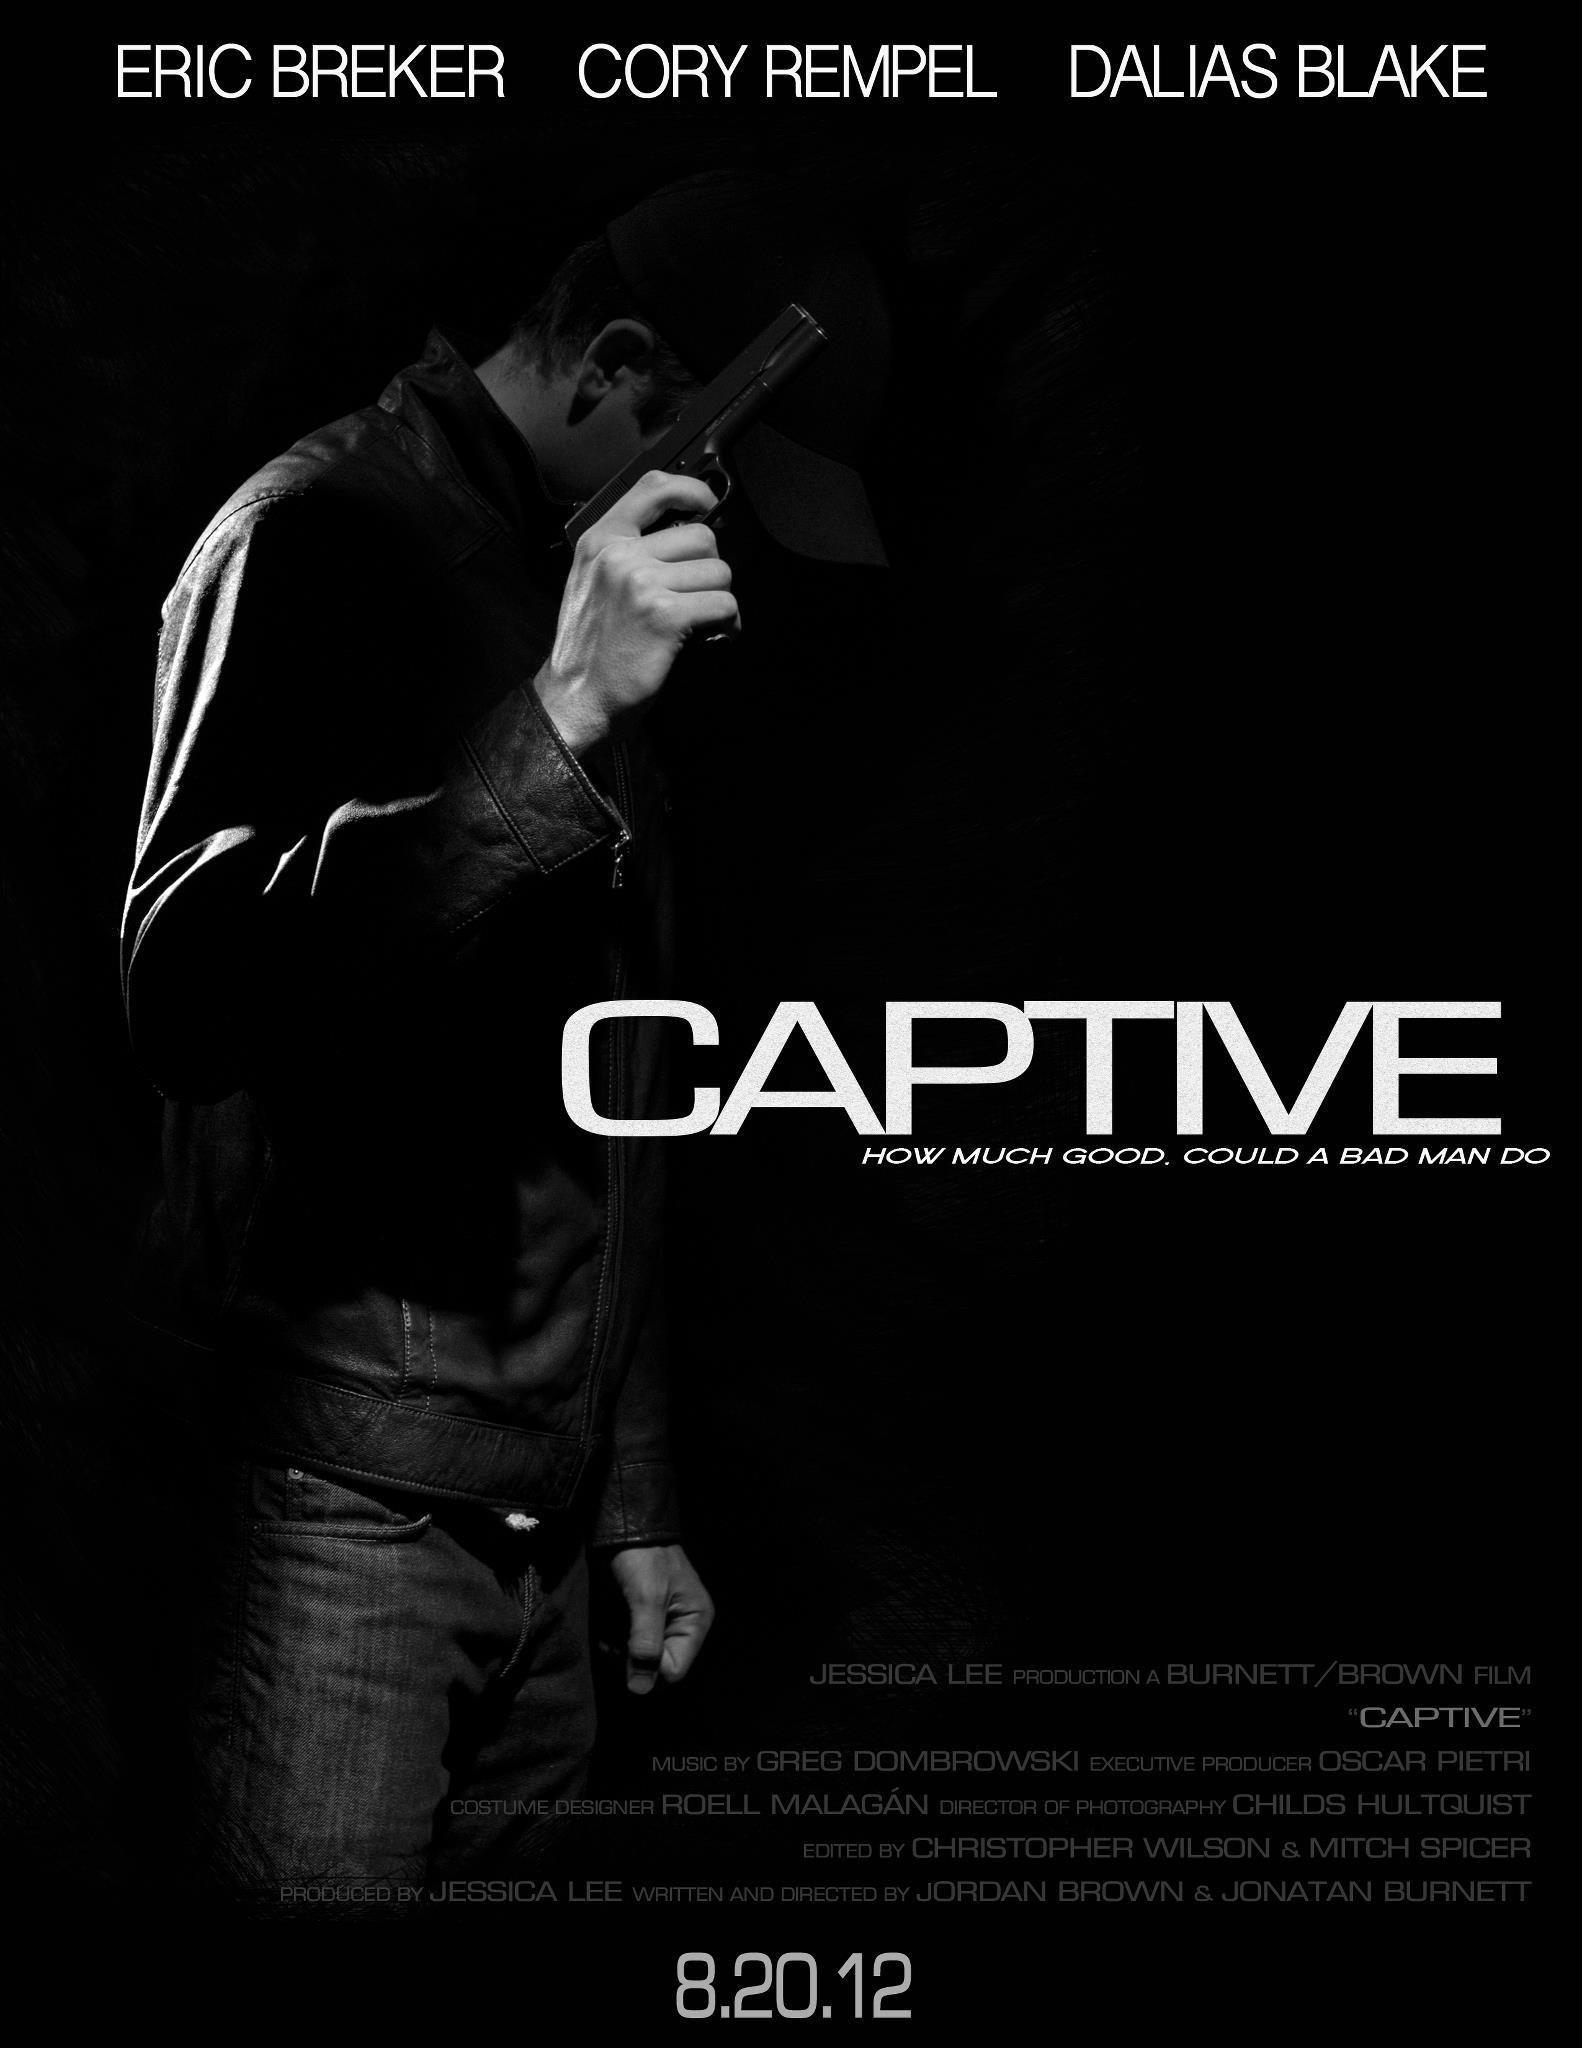 دانلود زیرنویس فارسی فیلم Captive